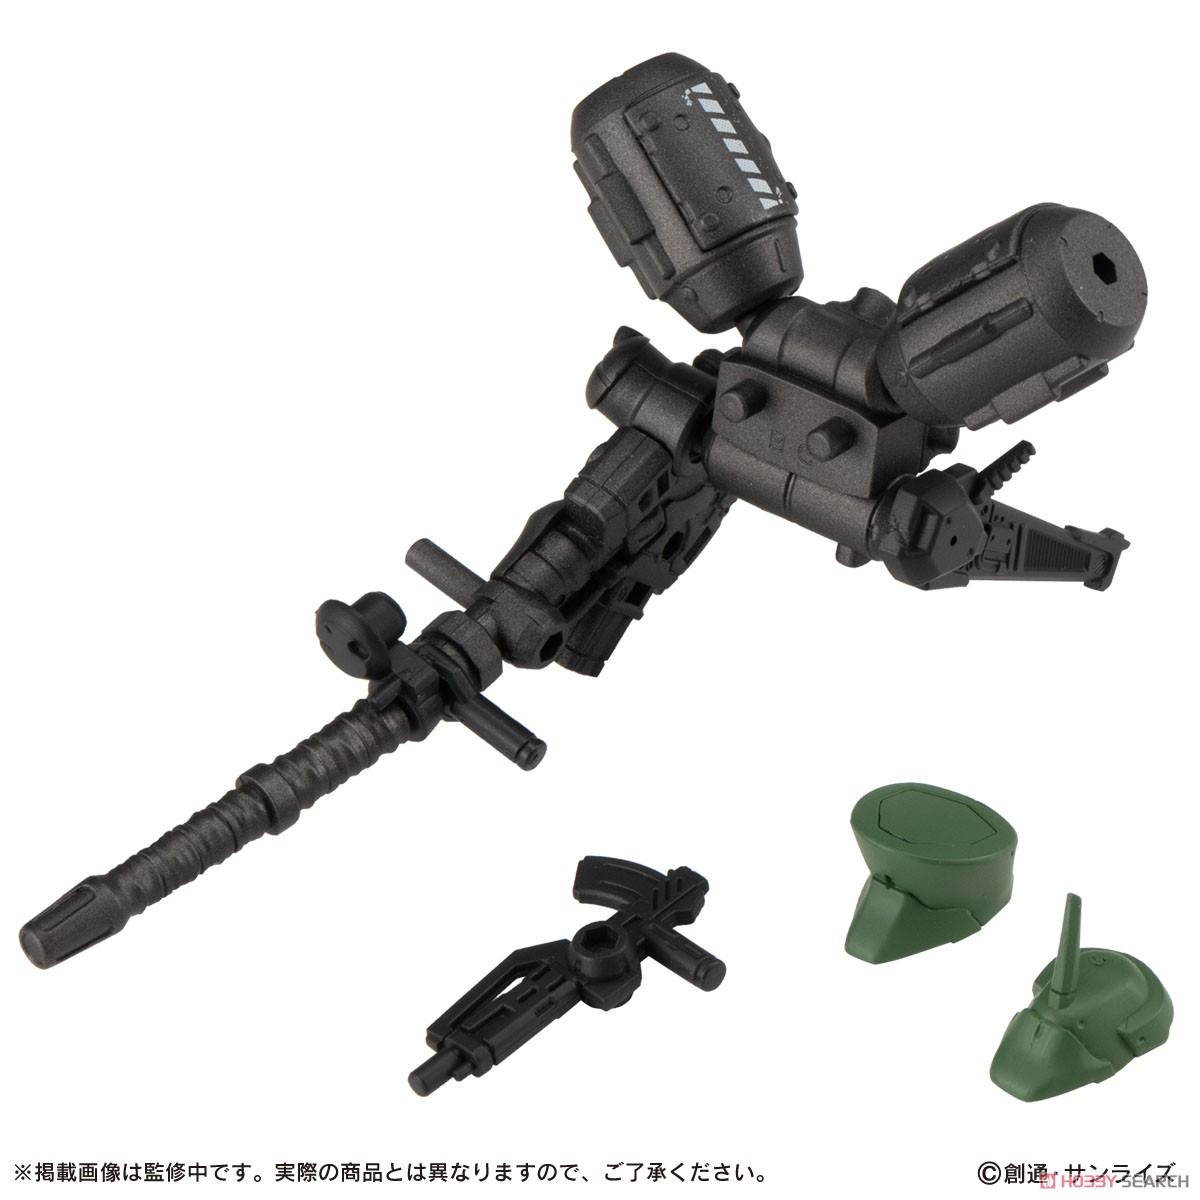 機動戦士ガンダム『MOBILE SUIT ENSEMBLE7.5』デフォルメ可動フィギュア 10個入りBOX-006